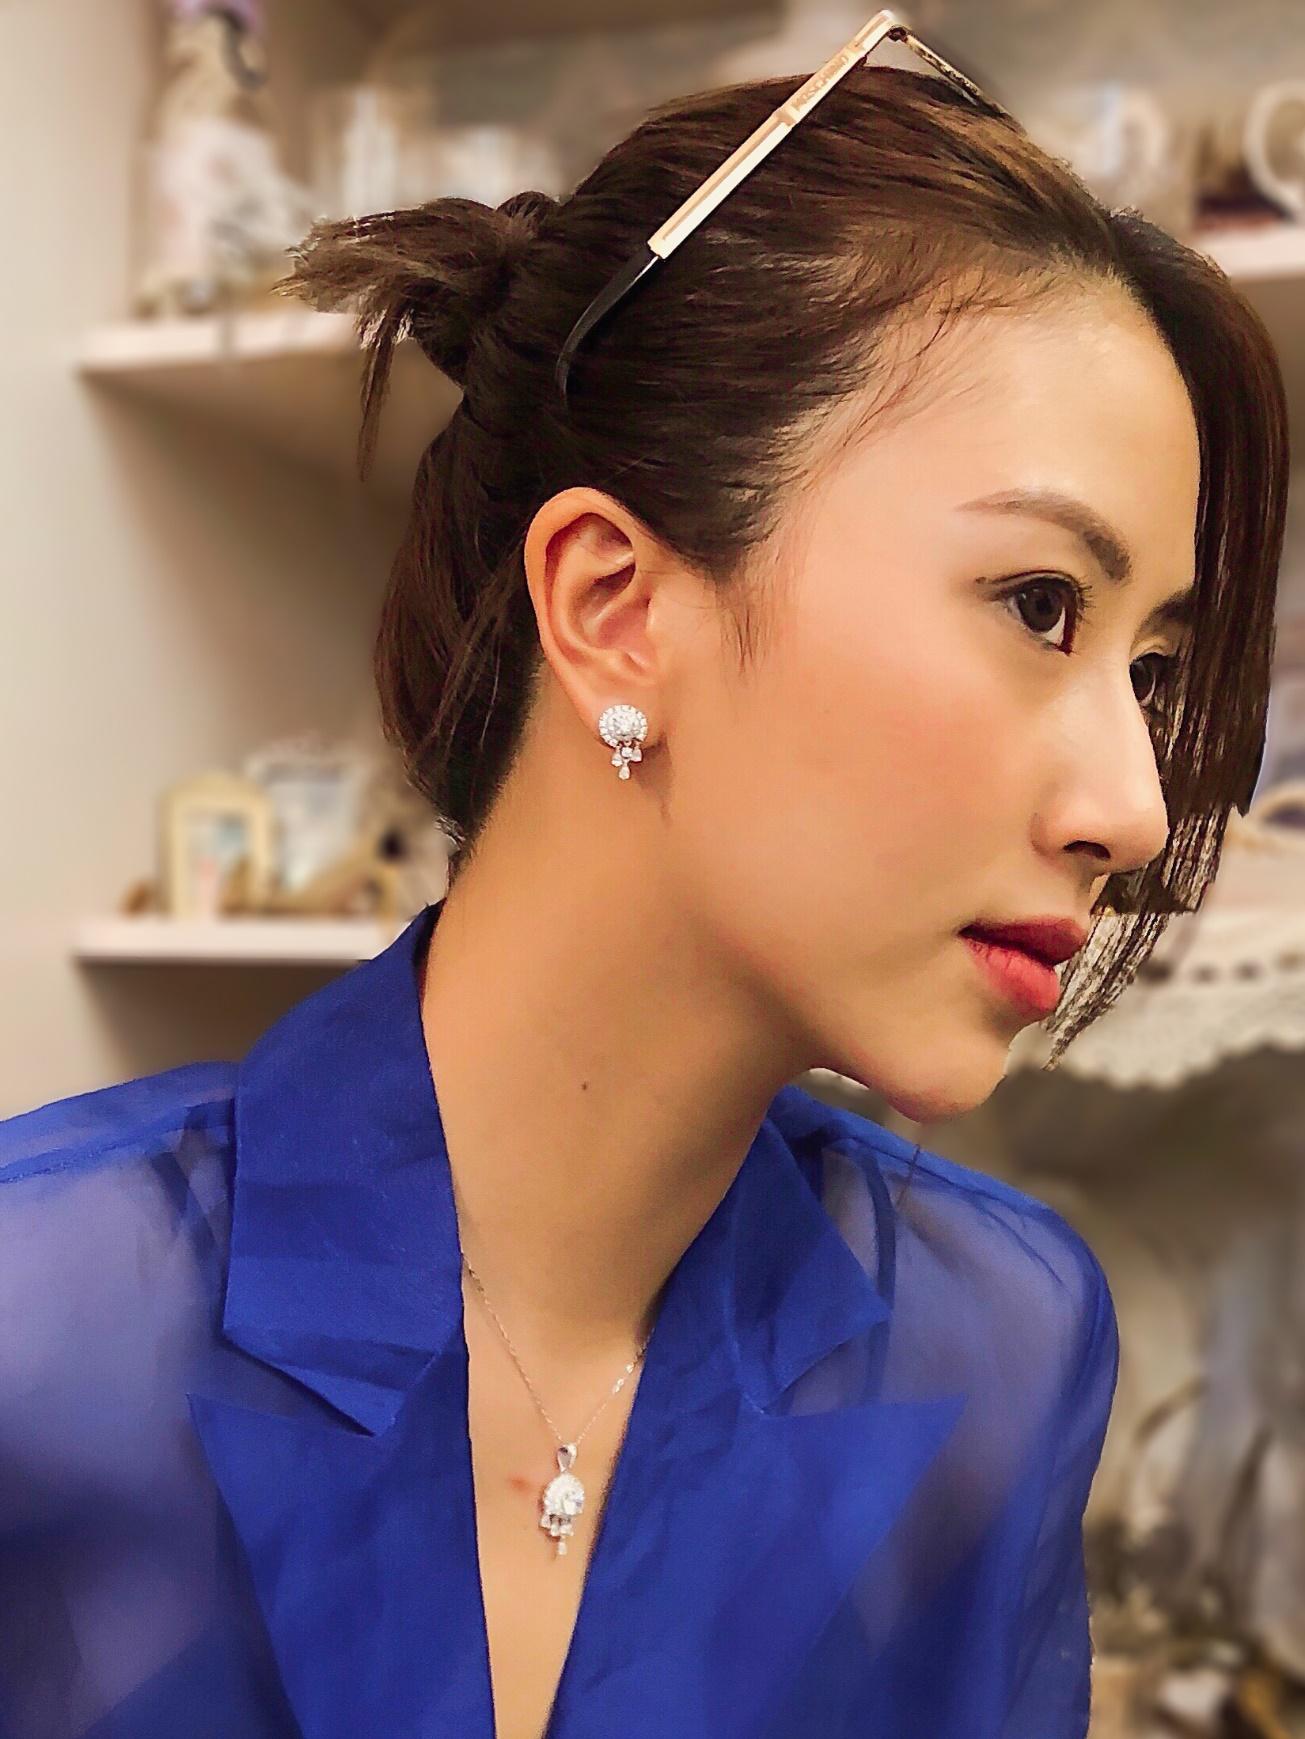 Phương Ly, Quỳnh Anh Shyn và loạt fashionista Việt khoe cá tính với trang sức bạc cực chất - Ảnh 9.